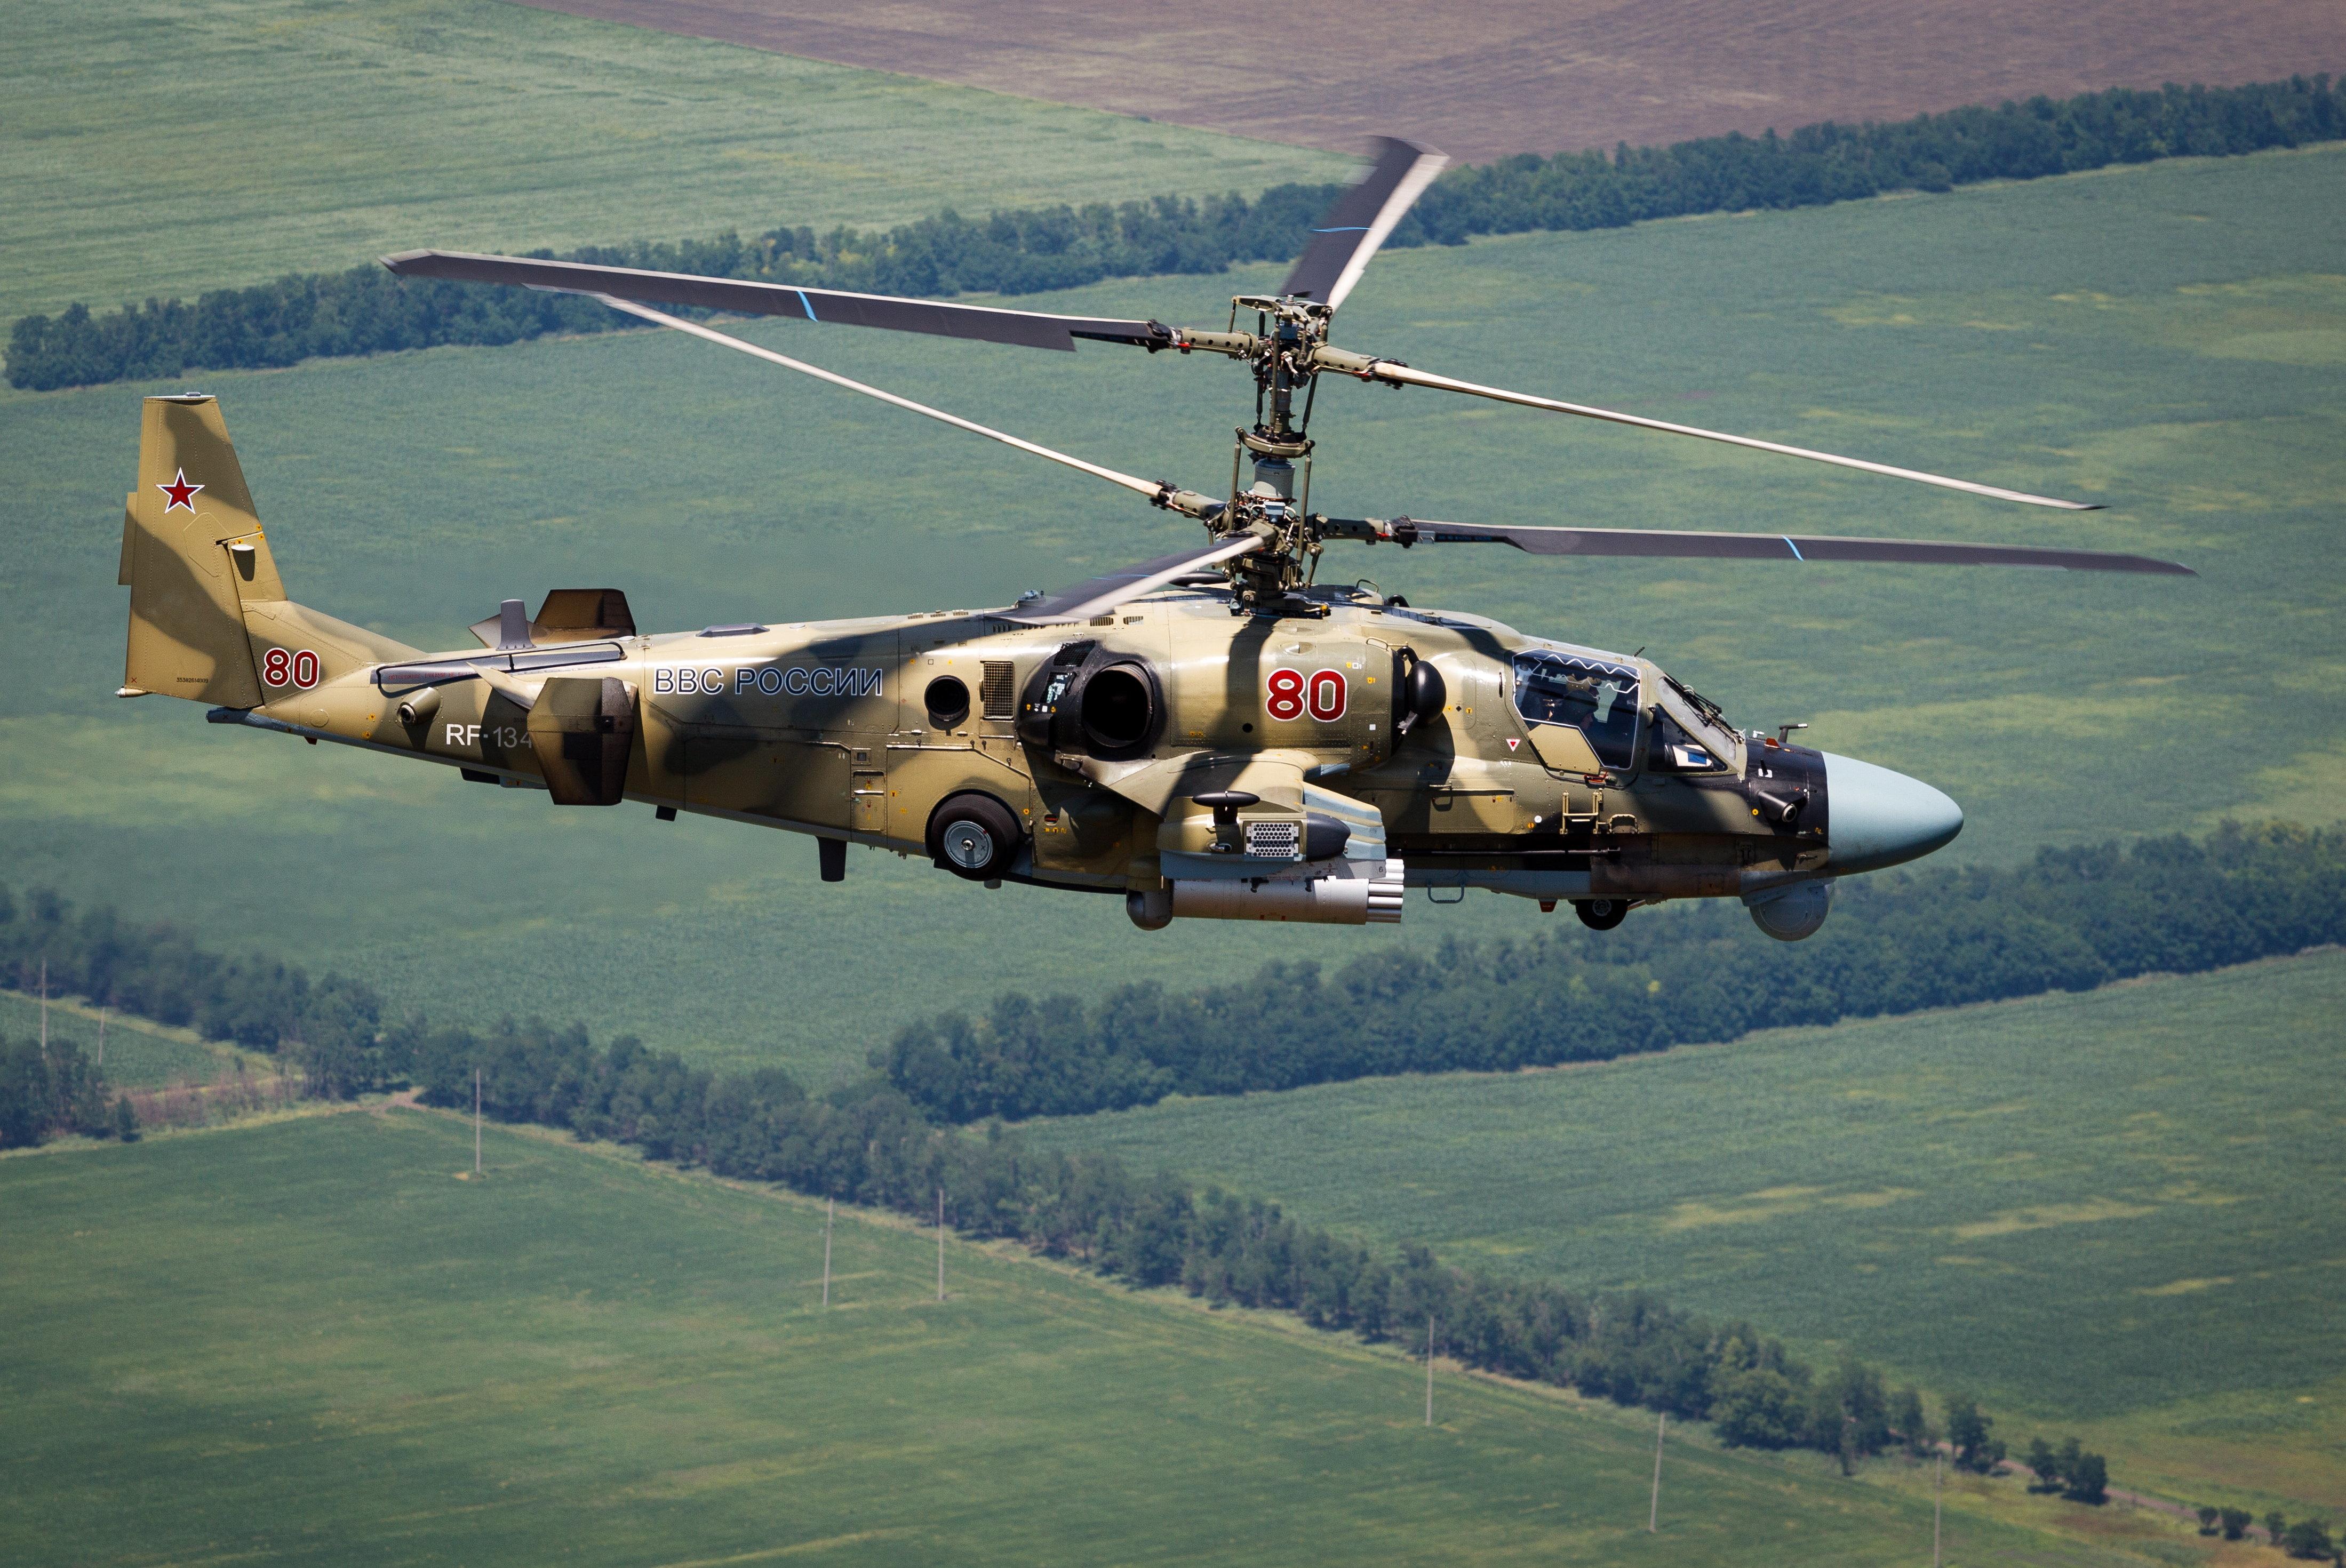 Συντριβή ρωσικού στρατιωτιού ελικοπτέρου Ka-52 στην ανατολική Συρία. Νεκροί οι δύο